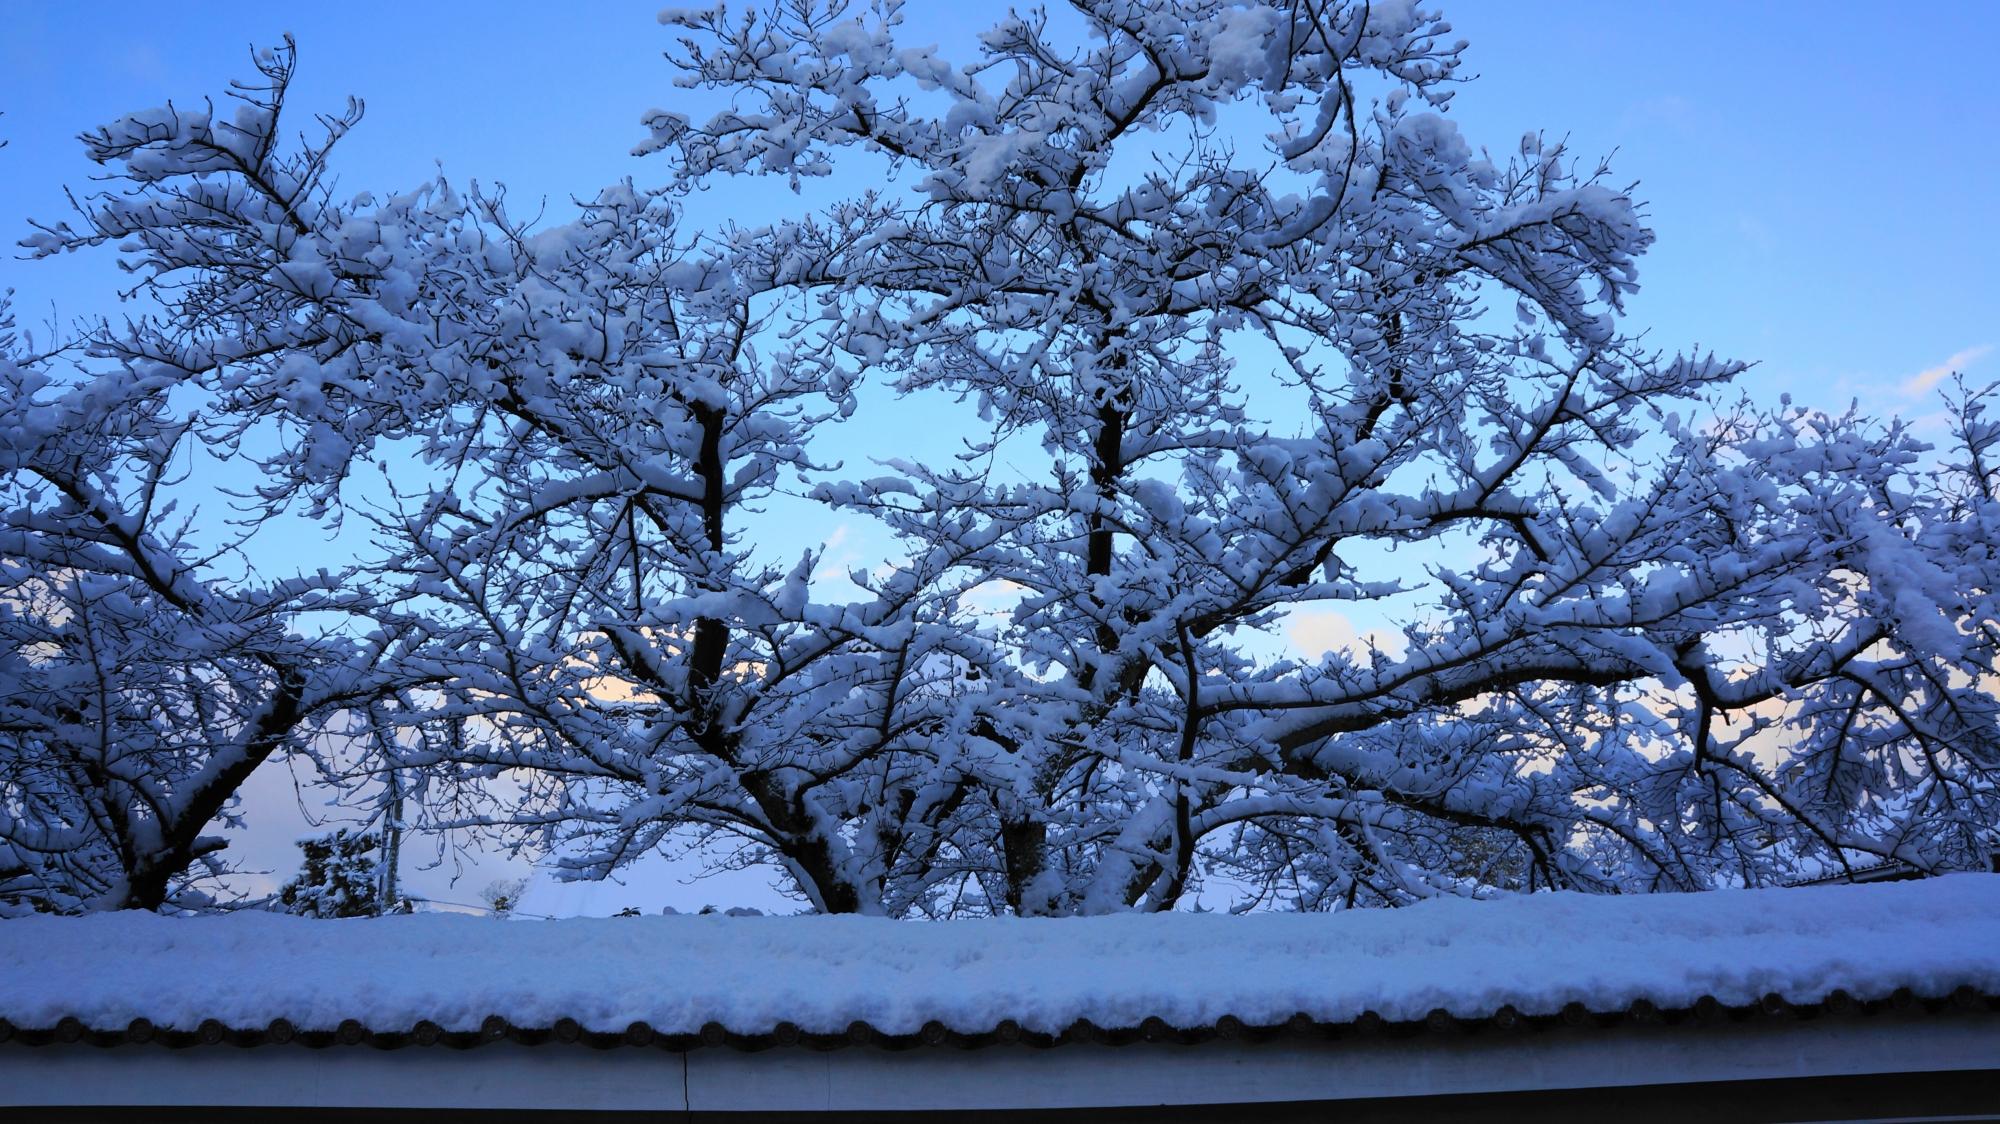 夜明けの淡い空を背景に咲く満開の雪の花